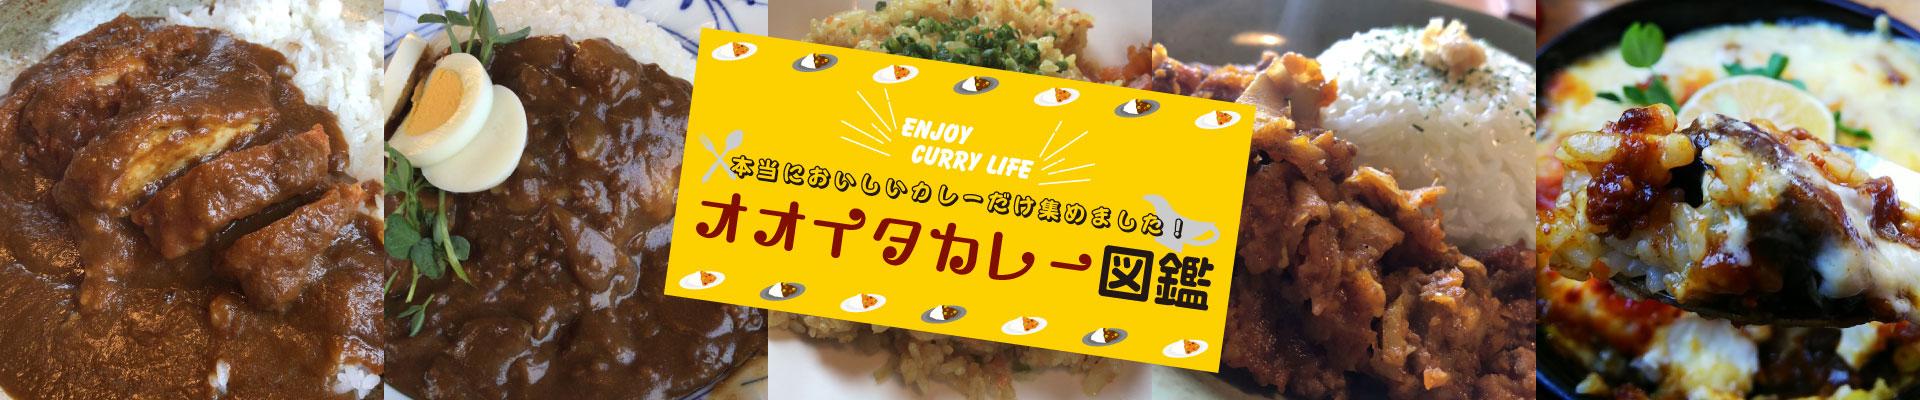 ENJOY CURRY LIFE 本当においしいカレーだけ集めました! オオイタカレー図鑑 広告画像(PC用)